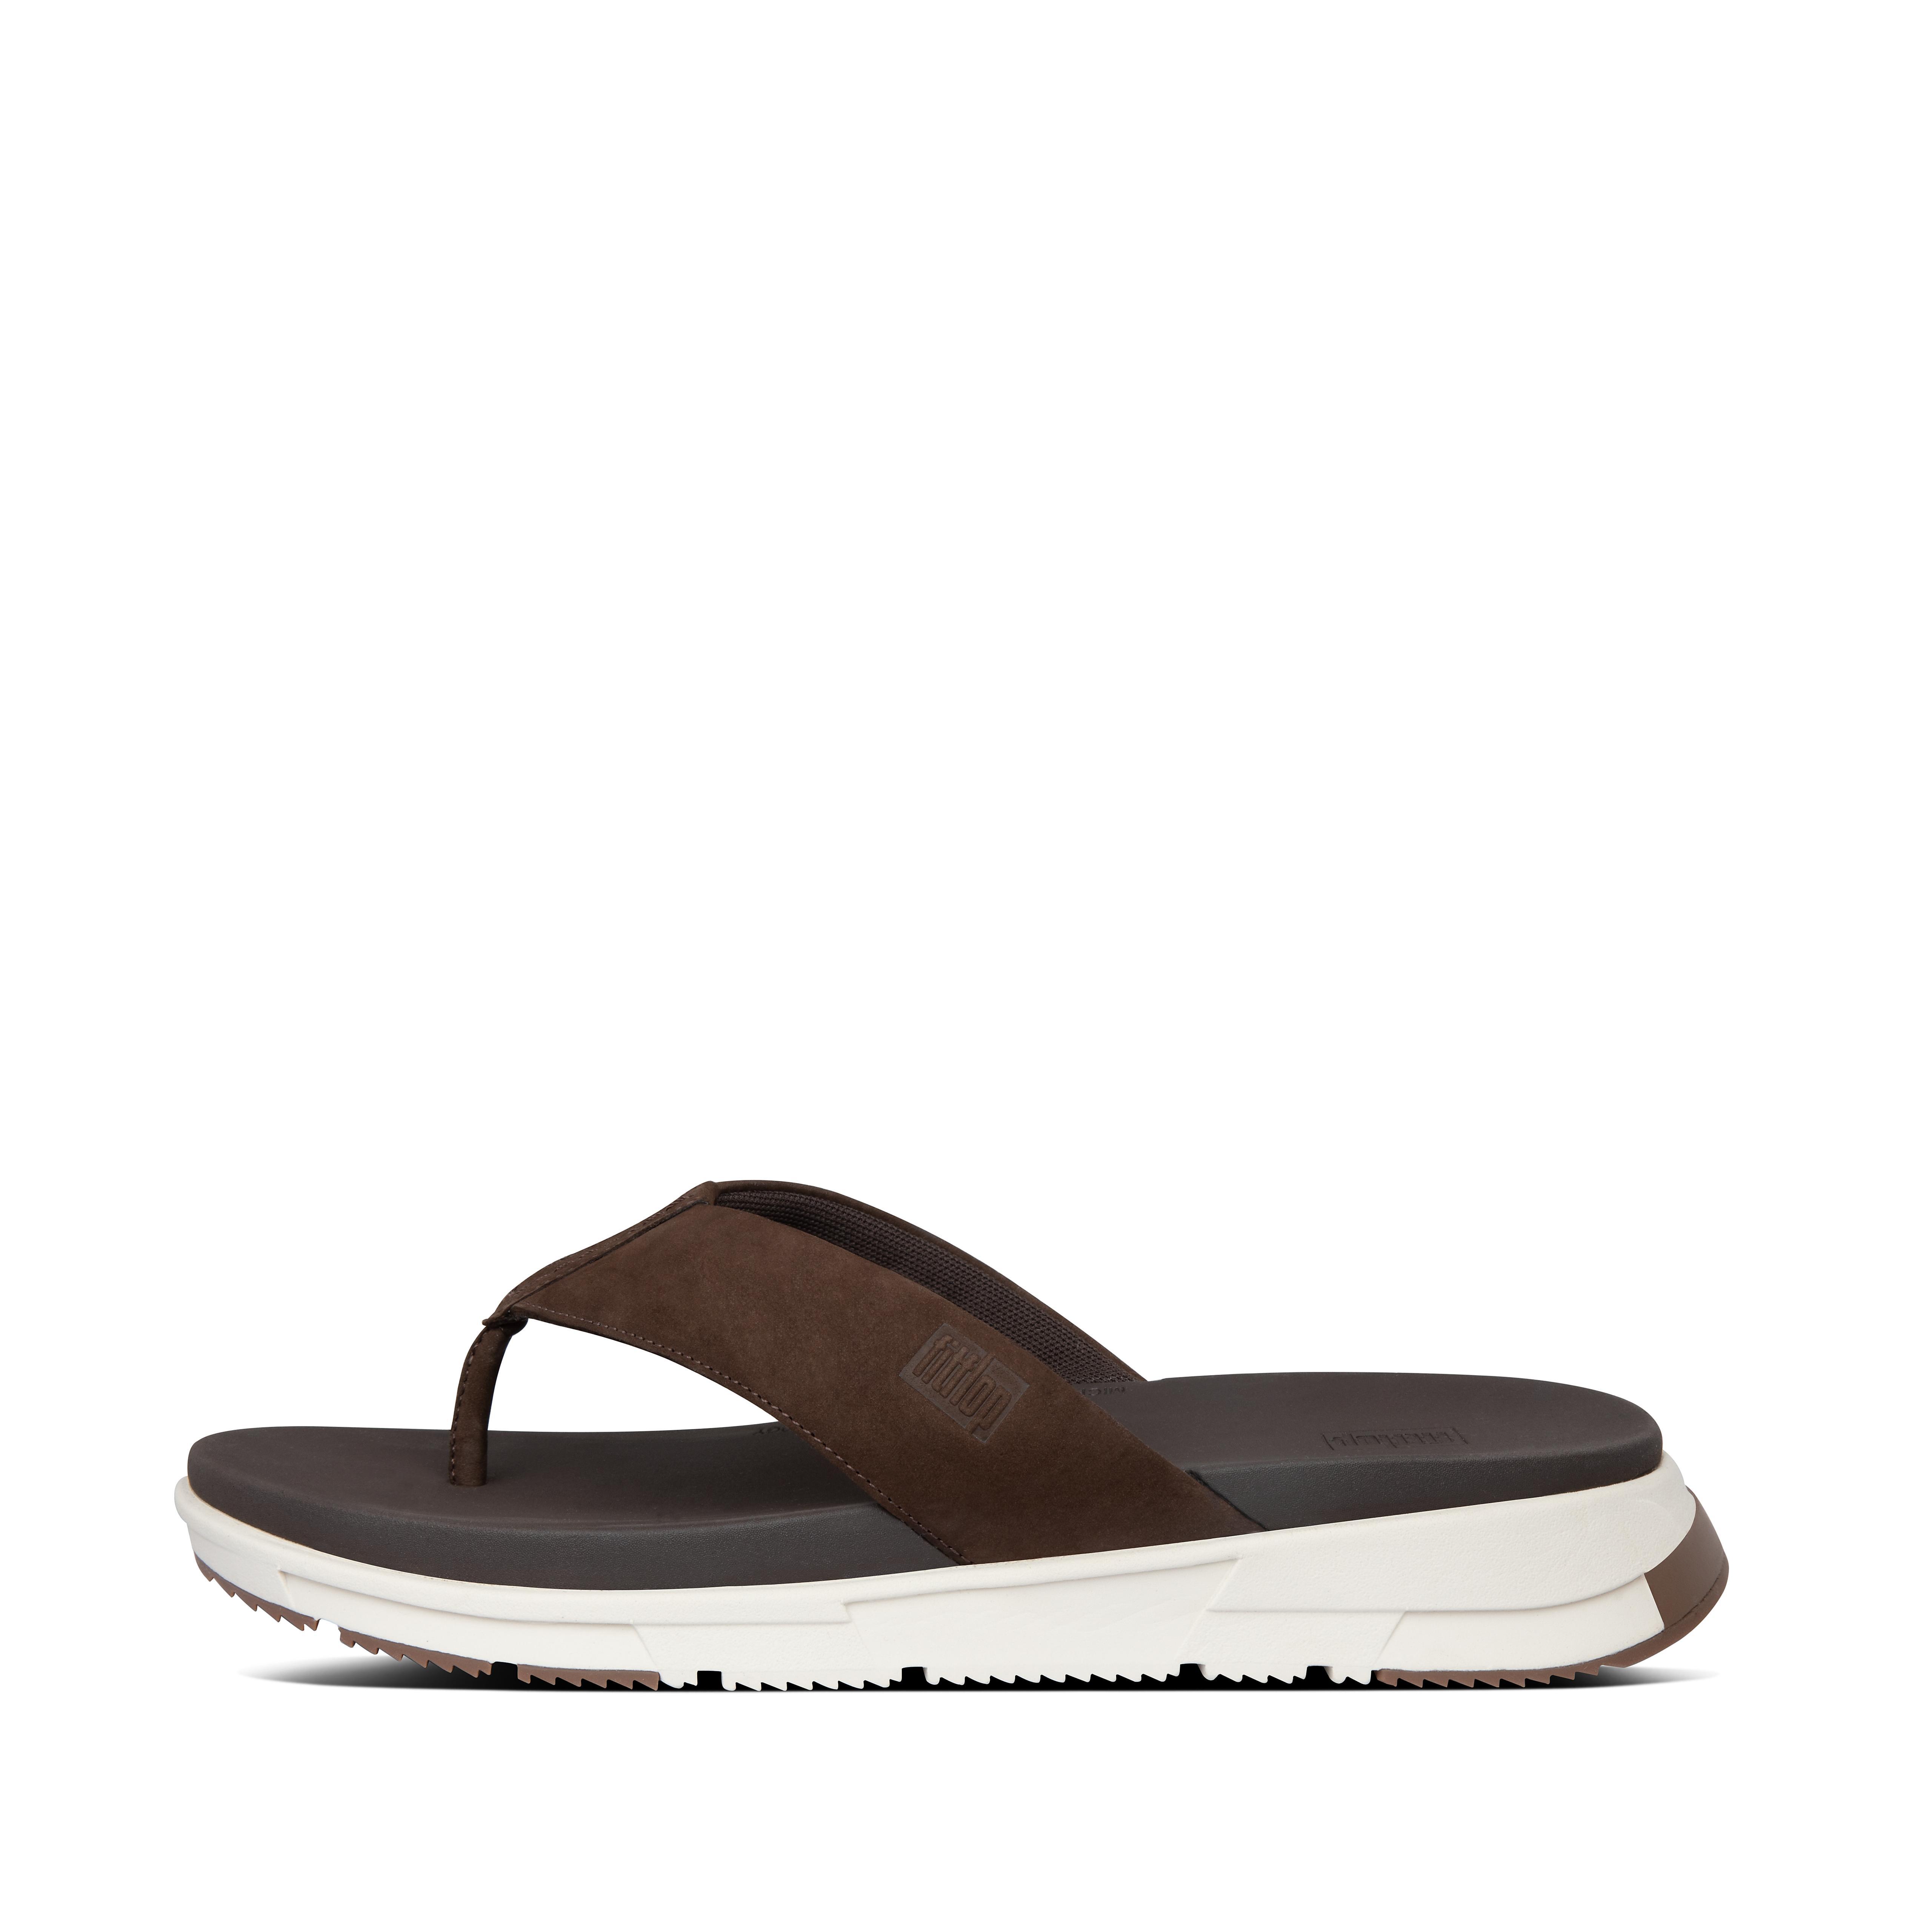 핏플랍 SPORTY 샌들 Mens Sporty Nubuck Toe-Post Sandals,Chocolate Brown